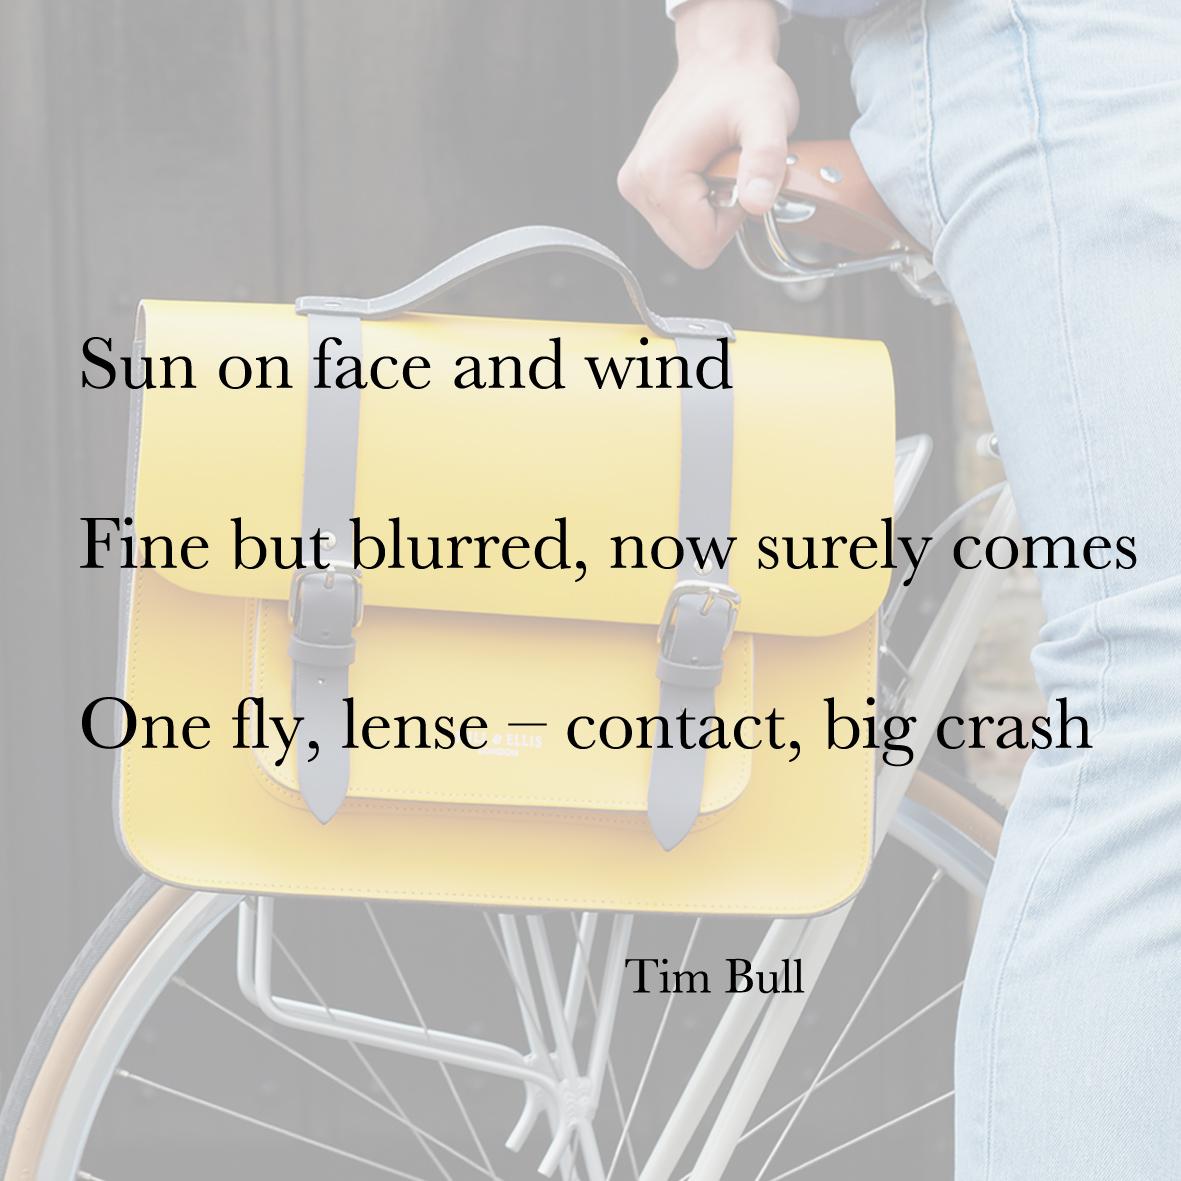 Baiku Tim Bull Bike Bag poetry